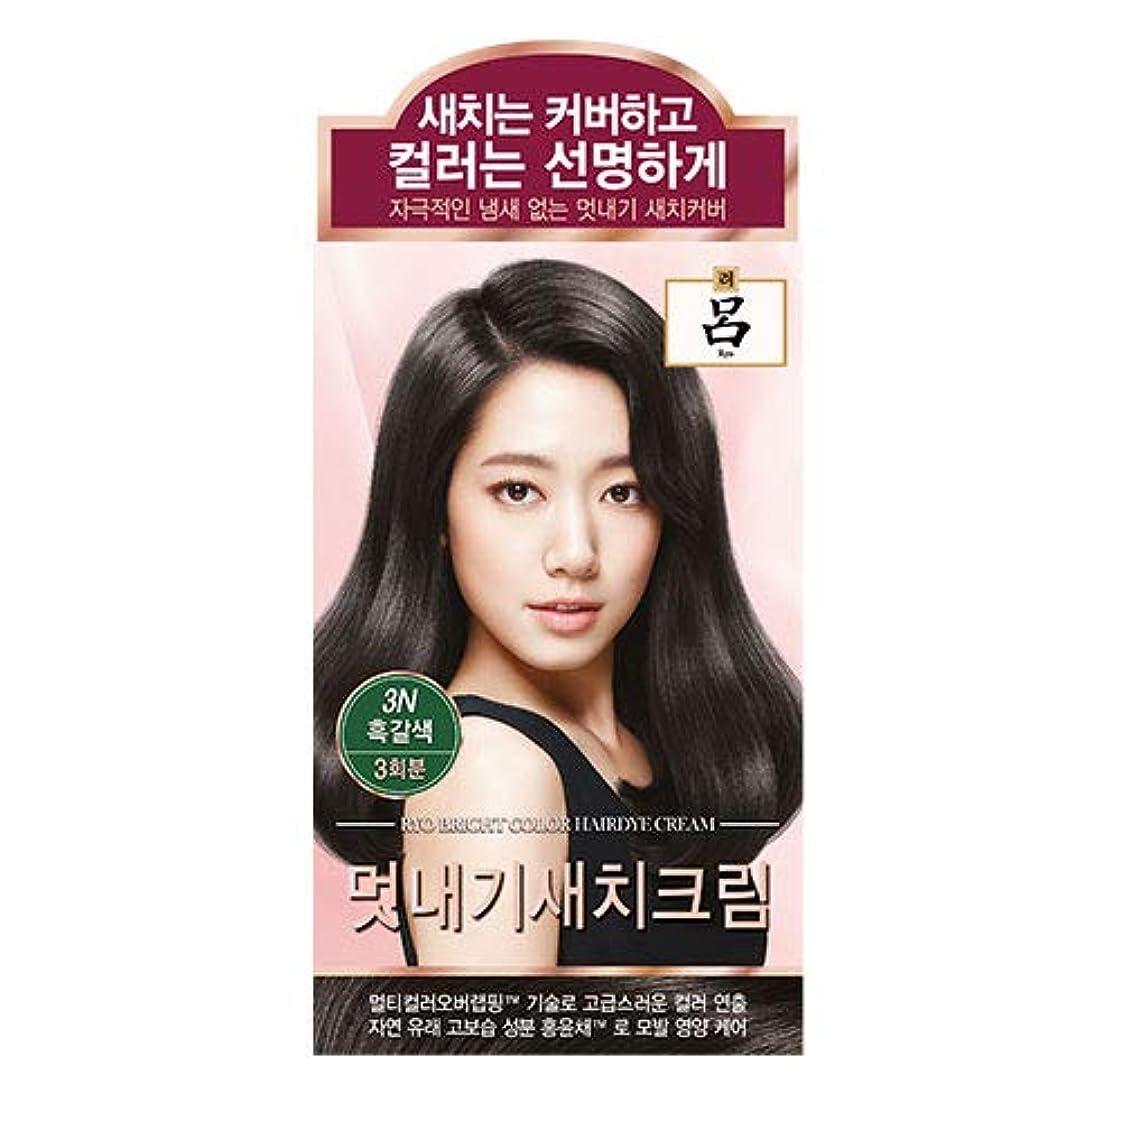 フェード対角線オーラルアモーレパシフィック呂[AMOREPACIFIC/Ryo] ブライトカラーヘアアイクリーム 3N ダークブラウン/Bright Color Hairdye Cream 3N Dark Brown